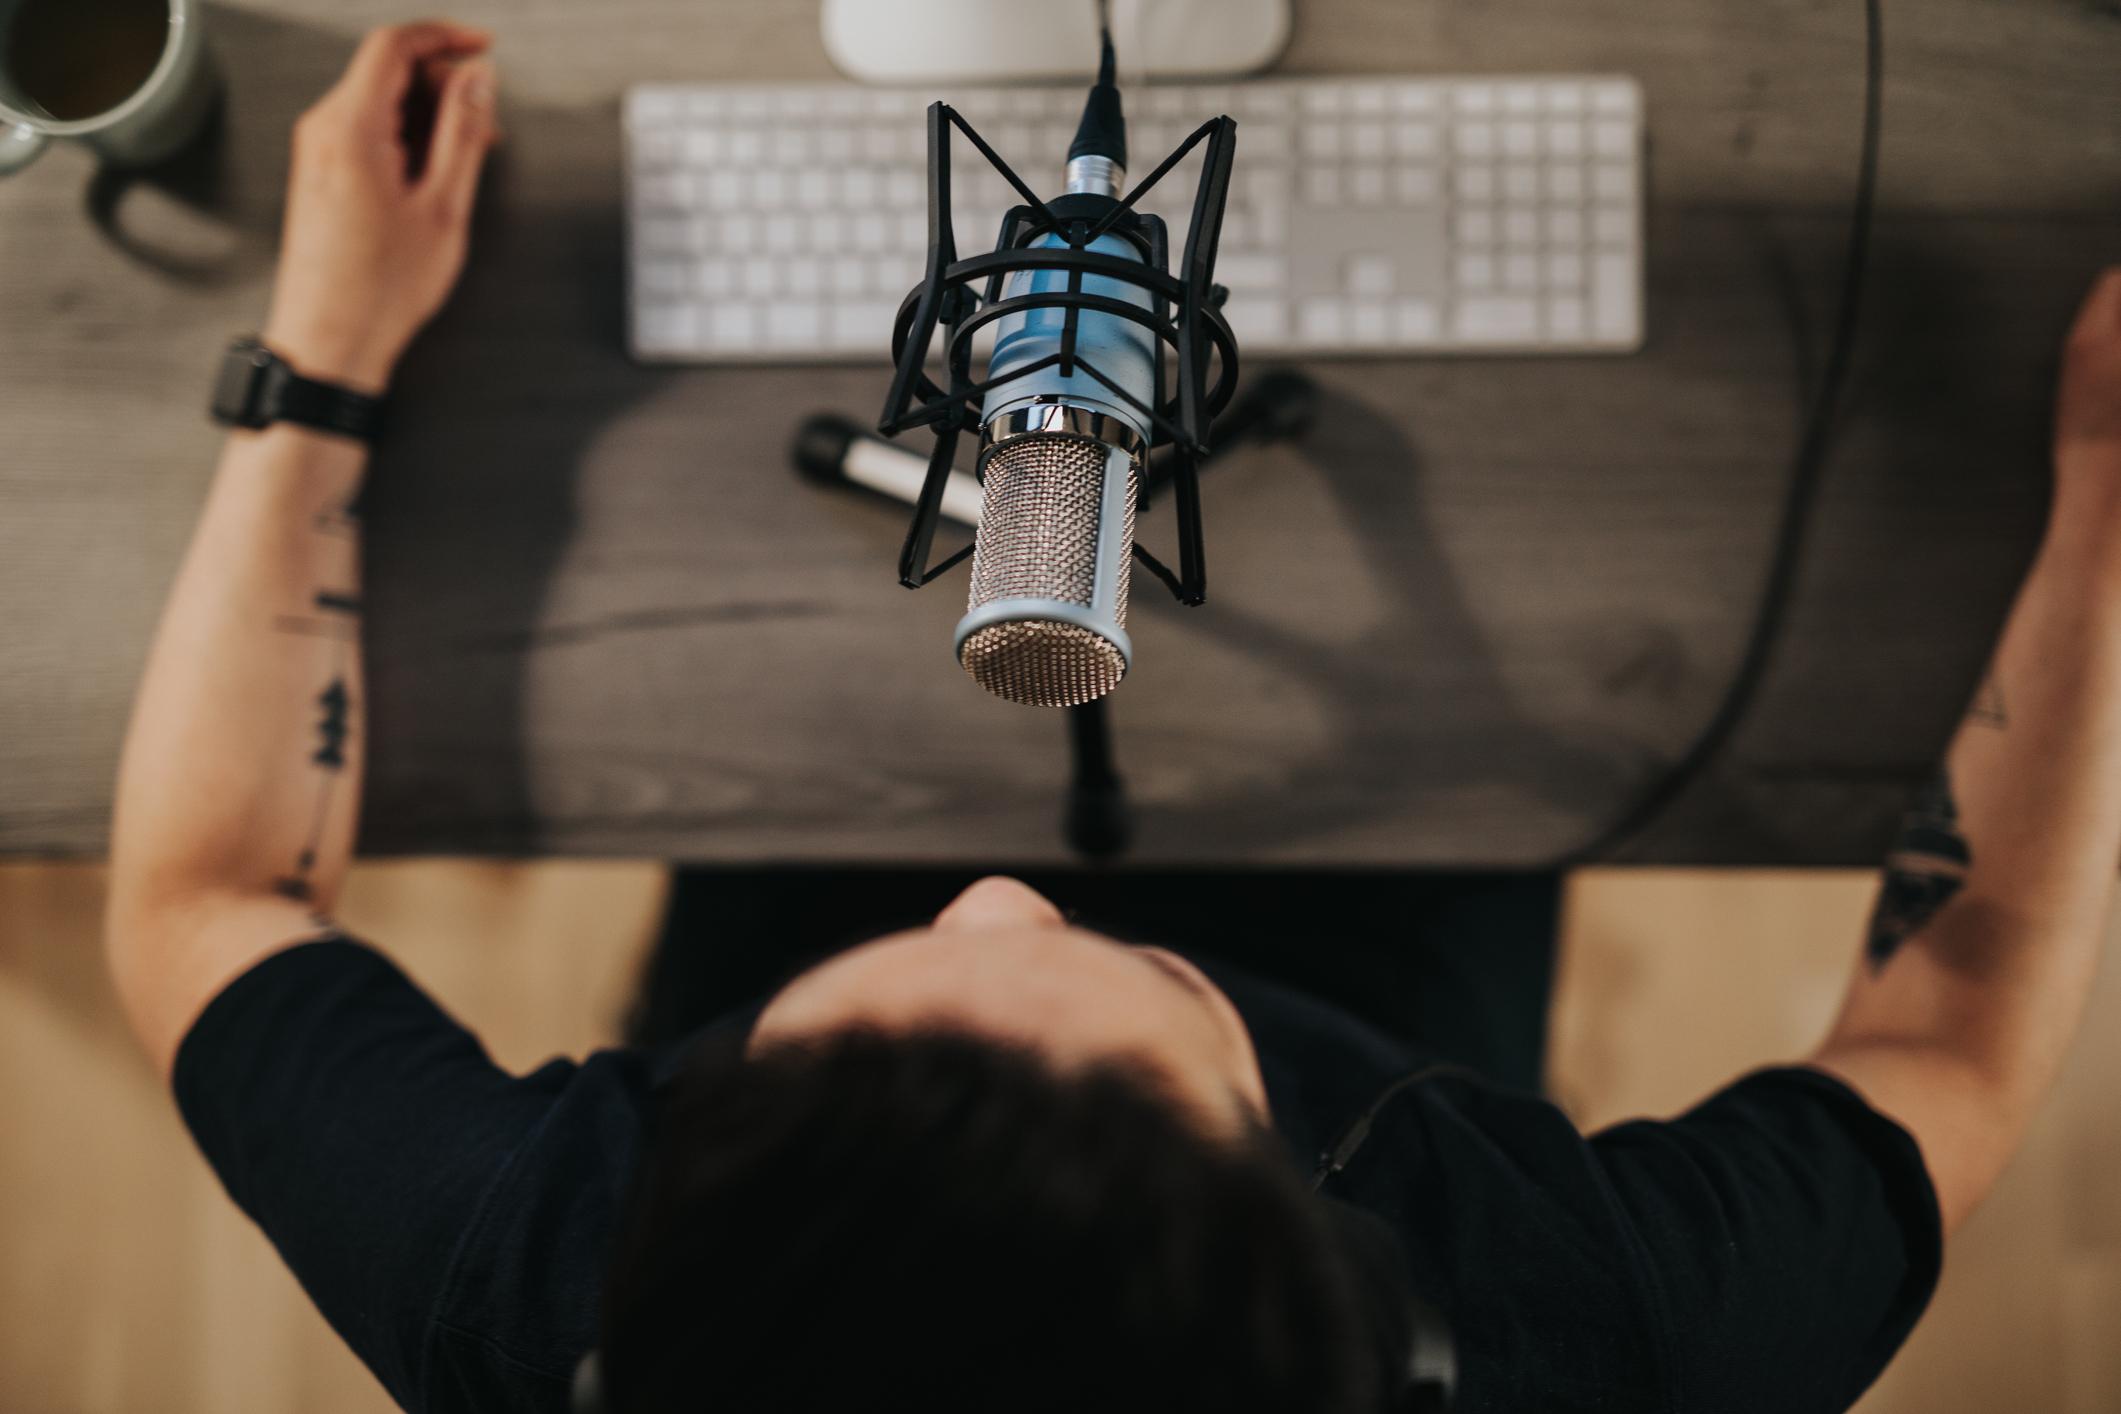 Áudio Marketing: mais uma tendência do marketing digital